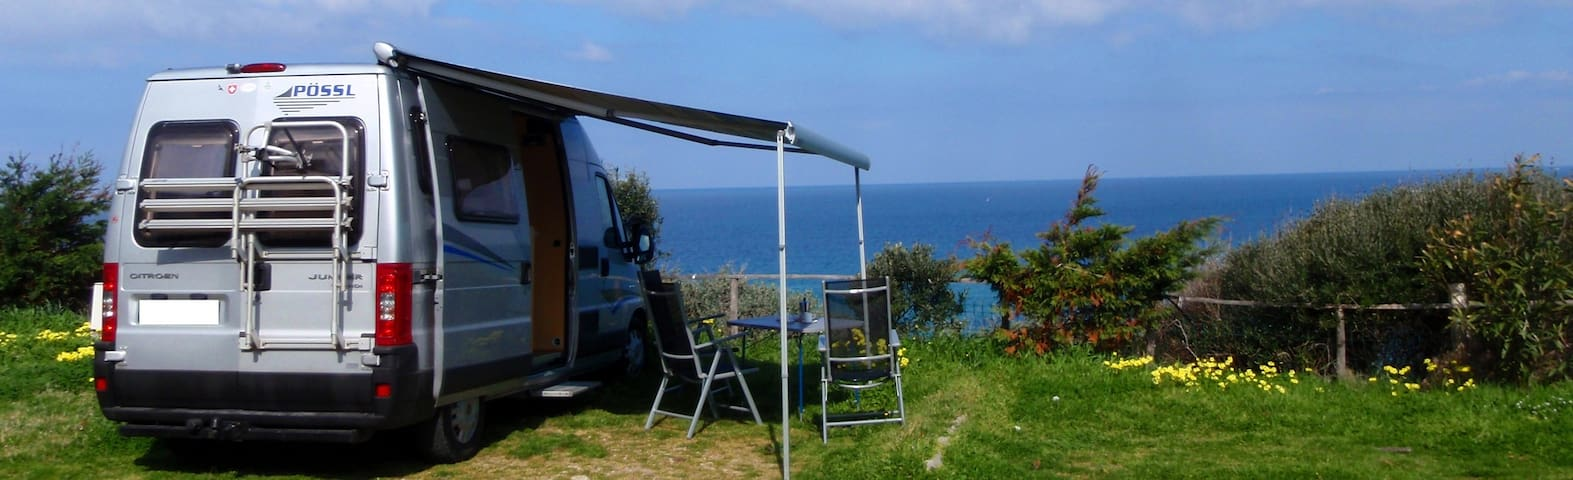 Wohnmobil auf Sardinien mit vielen Extras - Bulzi - Camper/RV